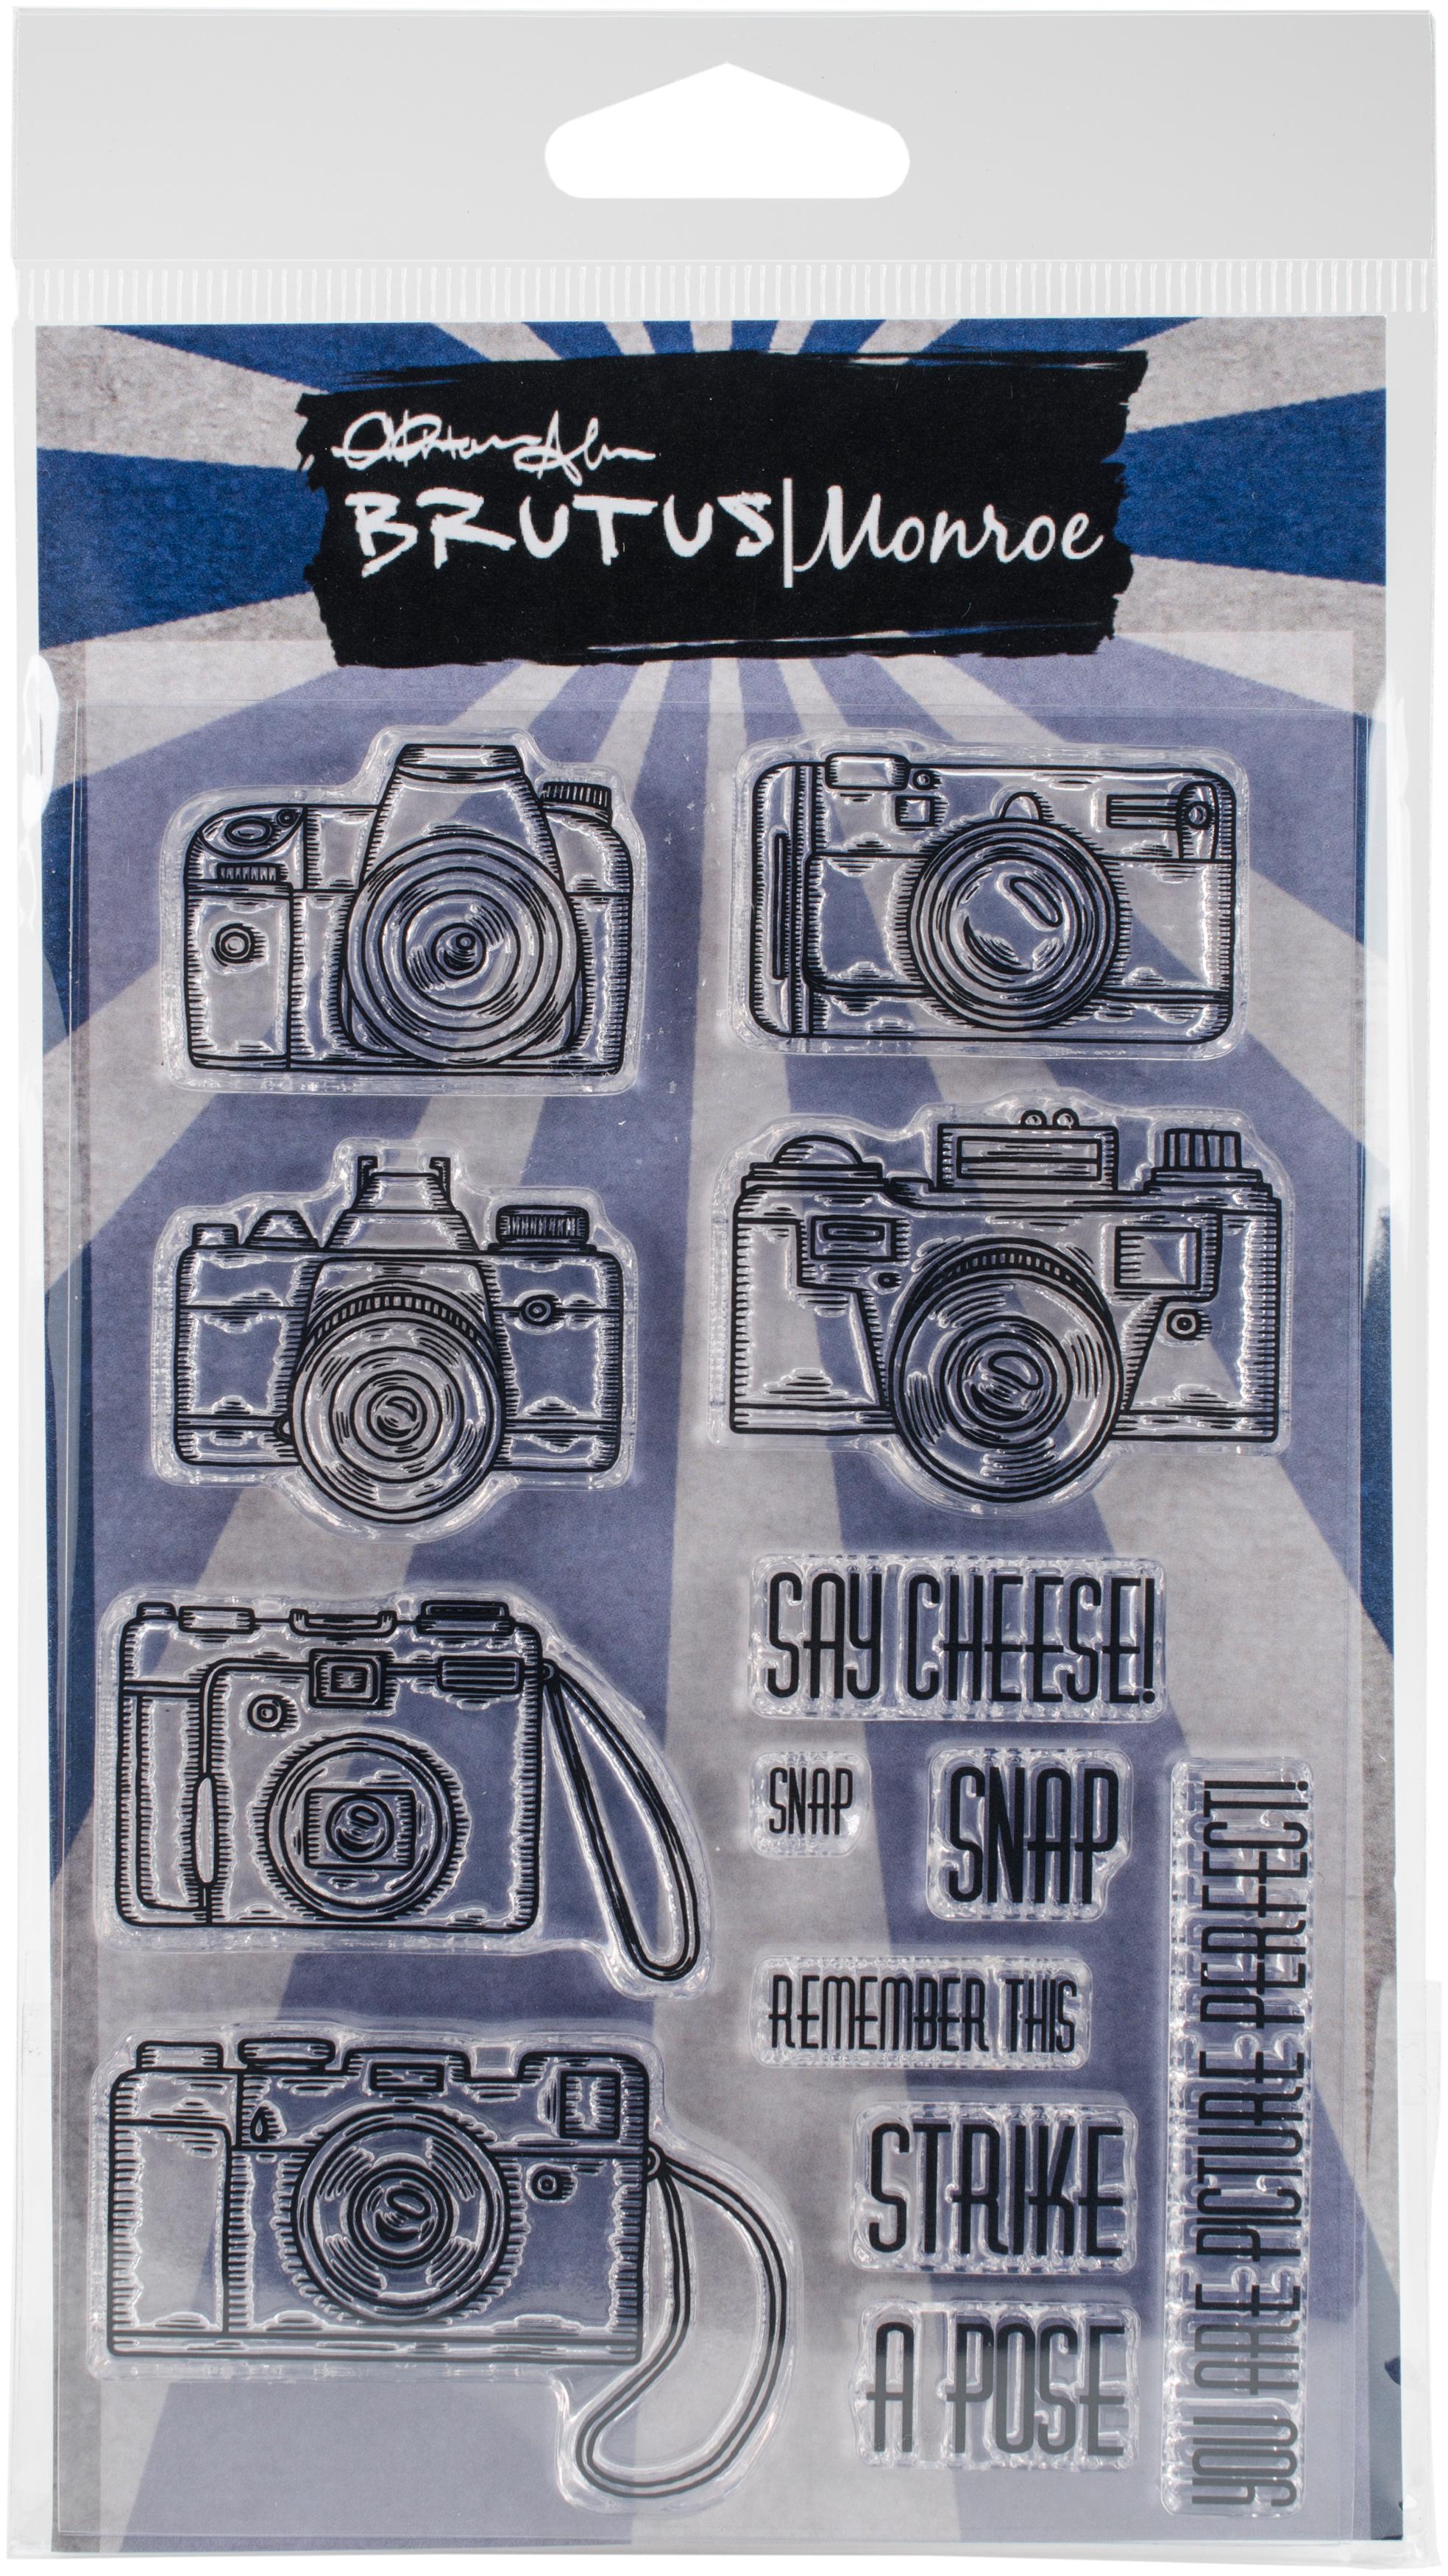 ^Brutus Monroe - Snap - Stamp